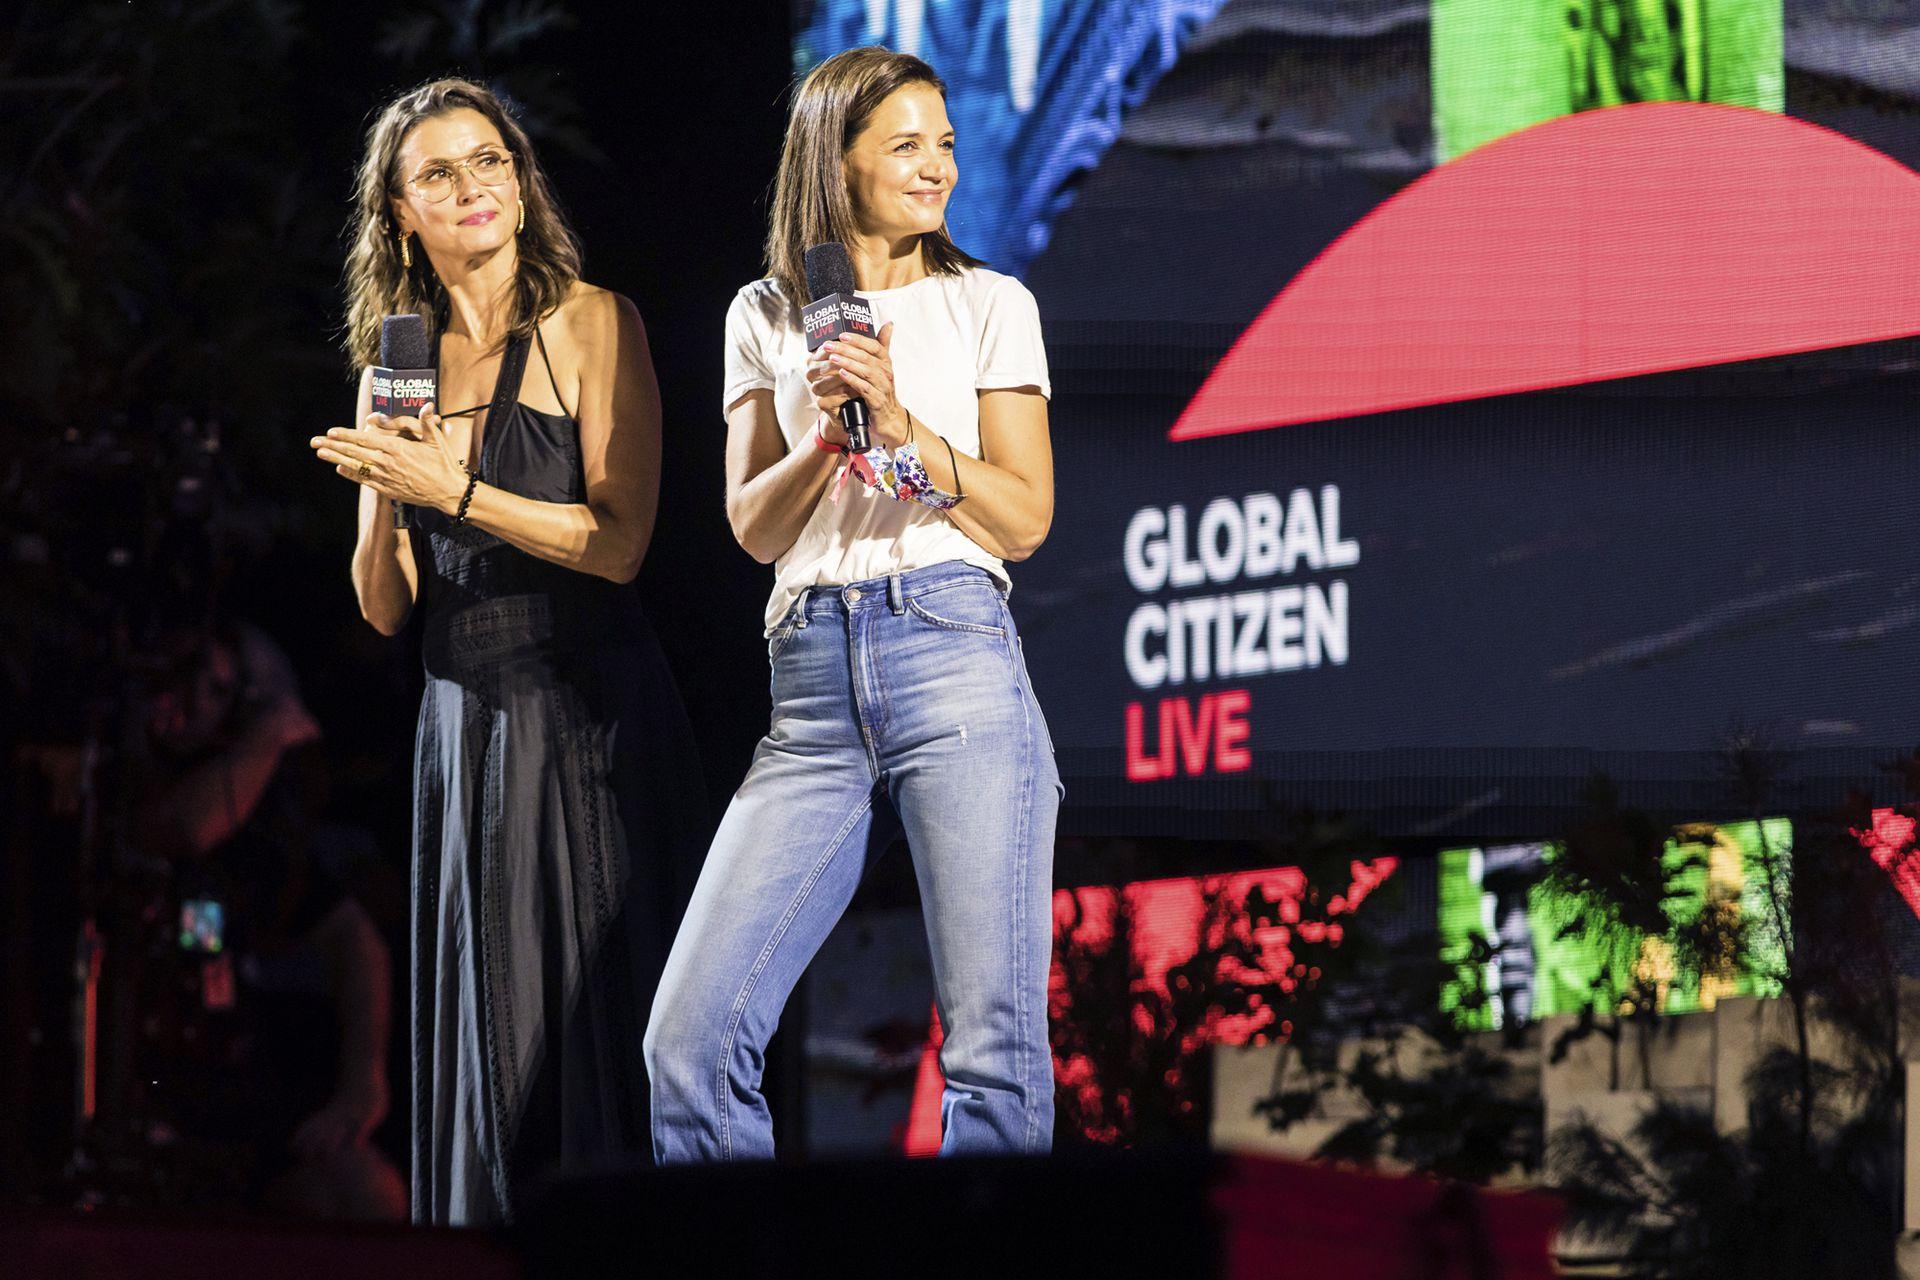 Las actrices Bridget Moynahan y Katie Holmes también participaron del festival y tomaron la palabra en Nueva York ante la gran convocatoria